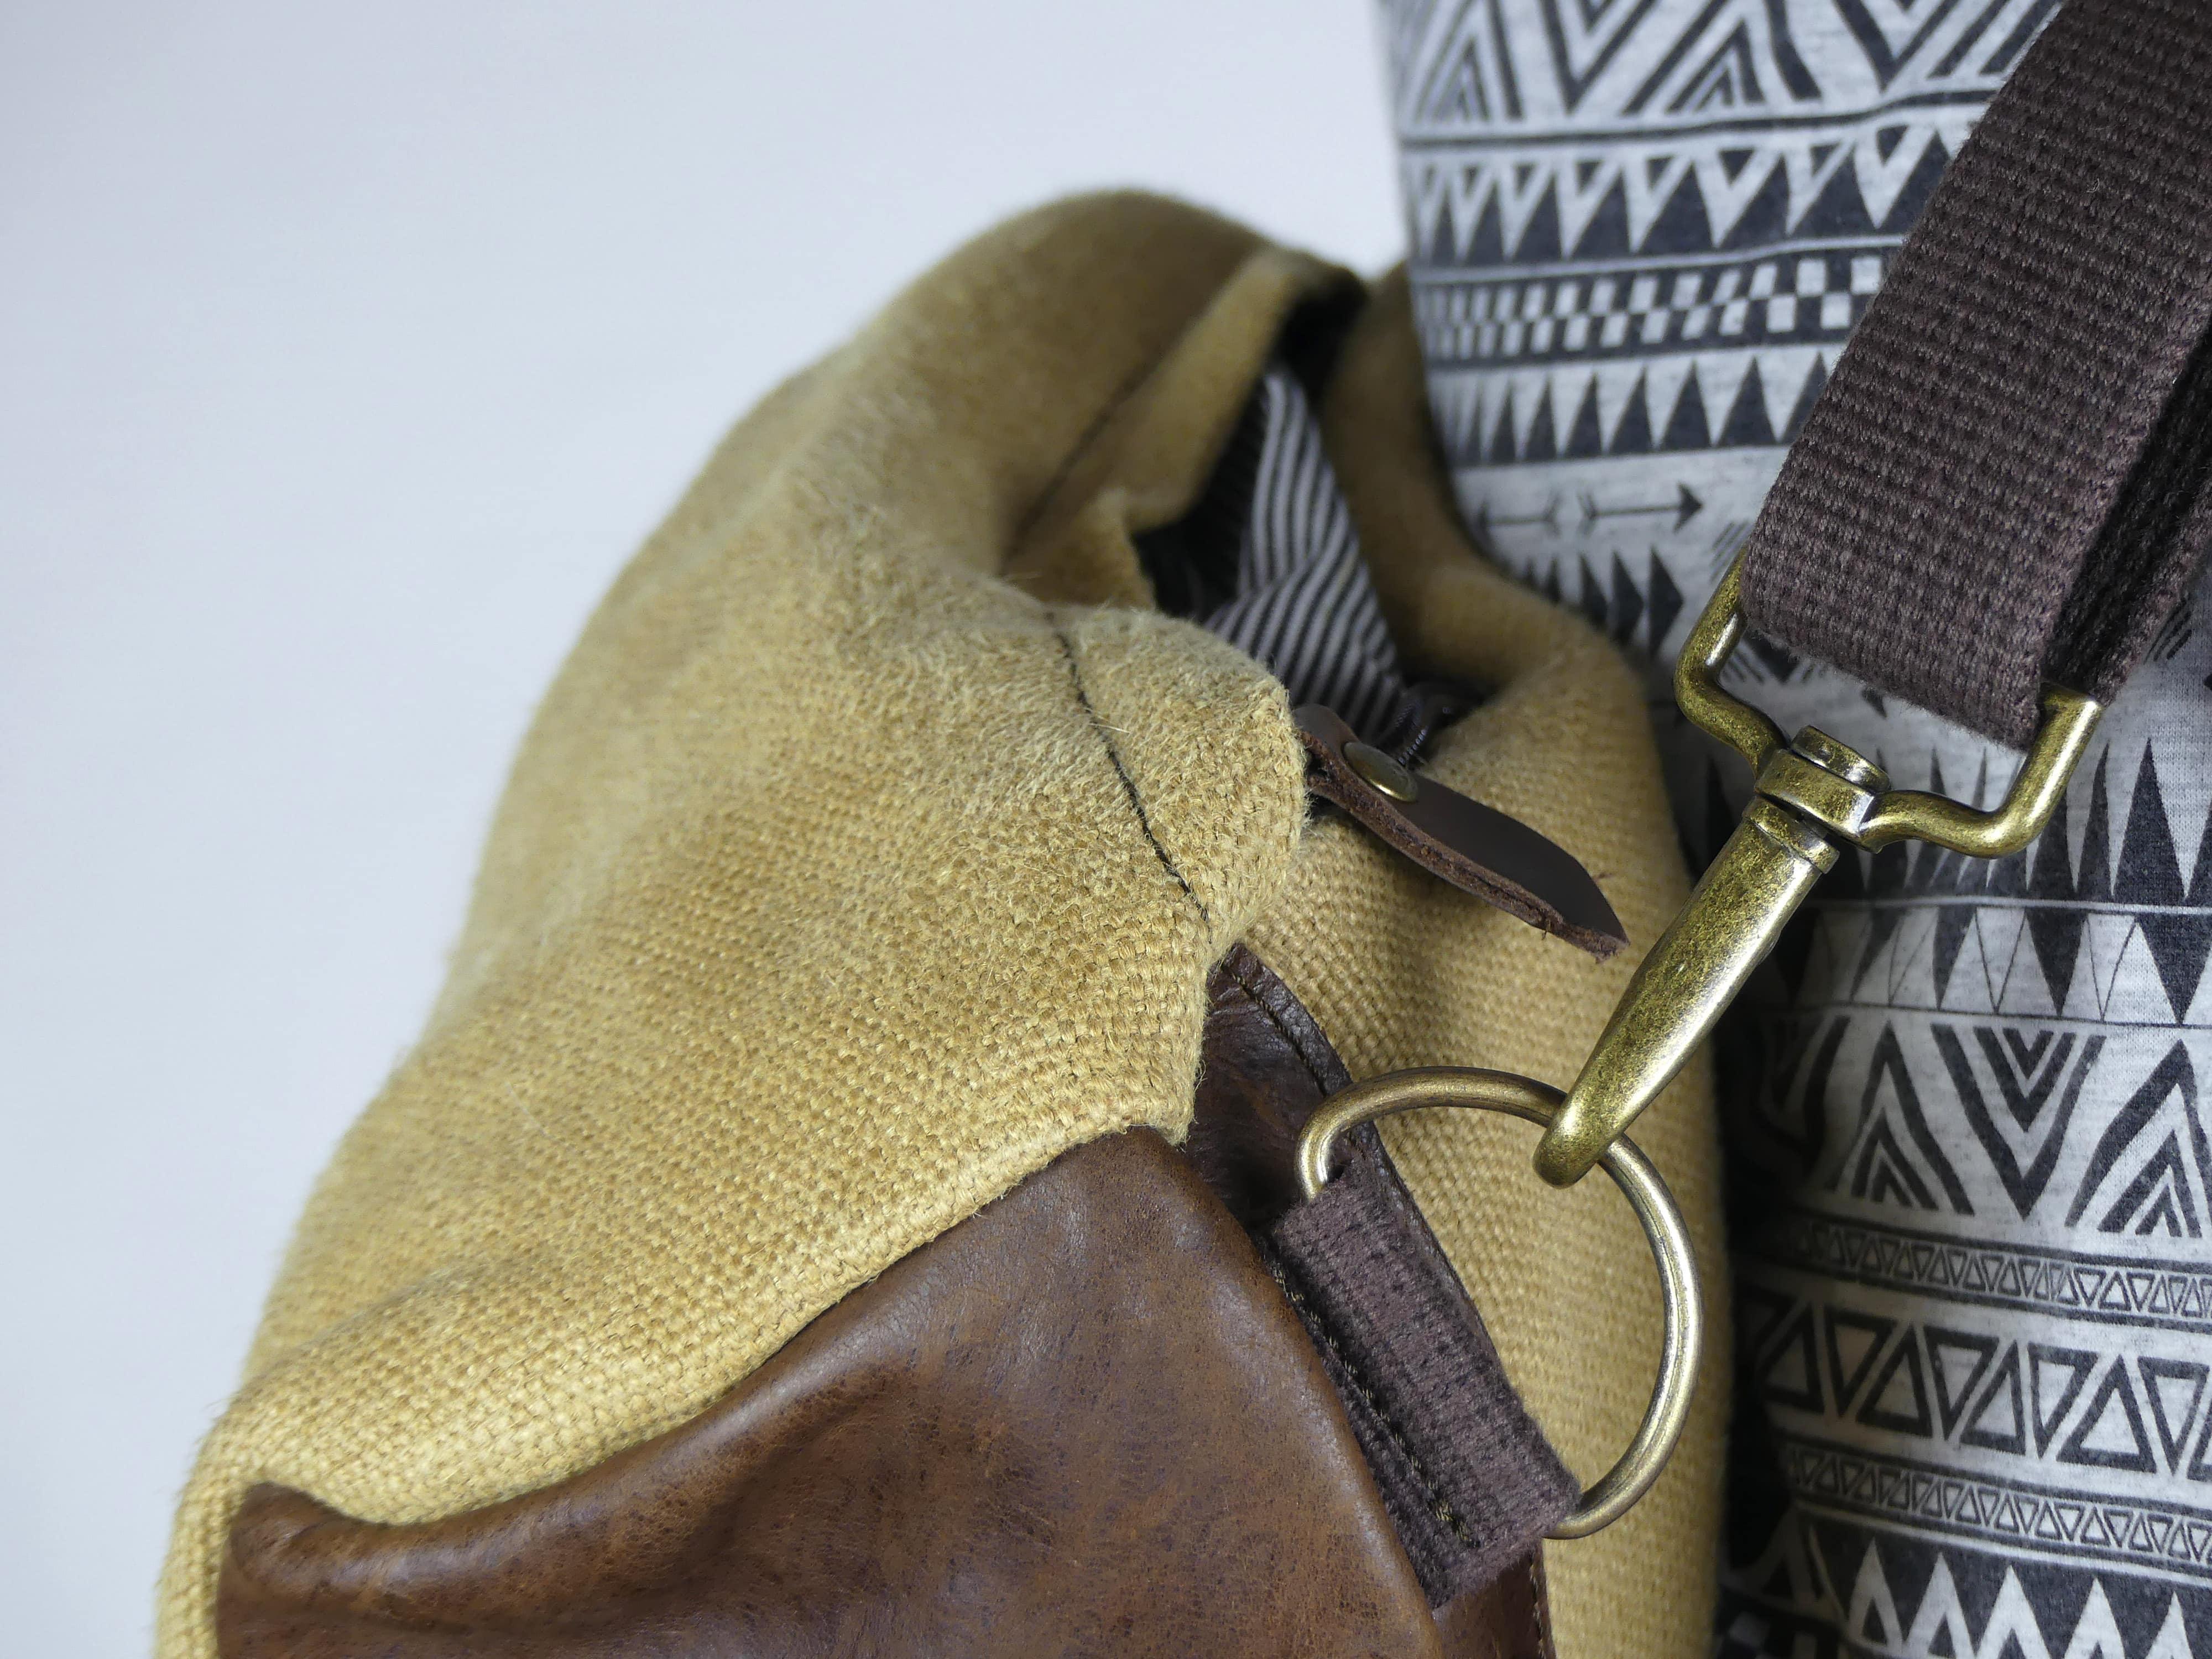 Petit sac à dos bandoulière, balish - le baluchon - Bhallot num 5